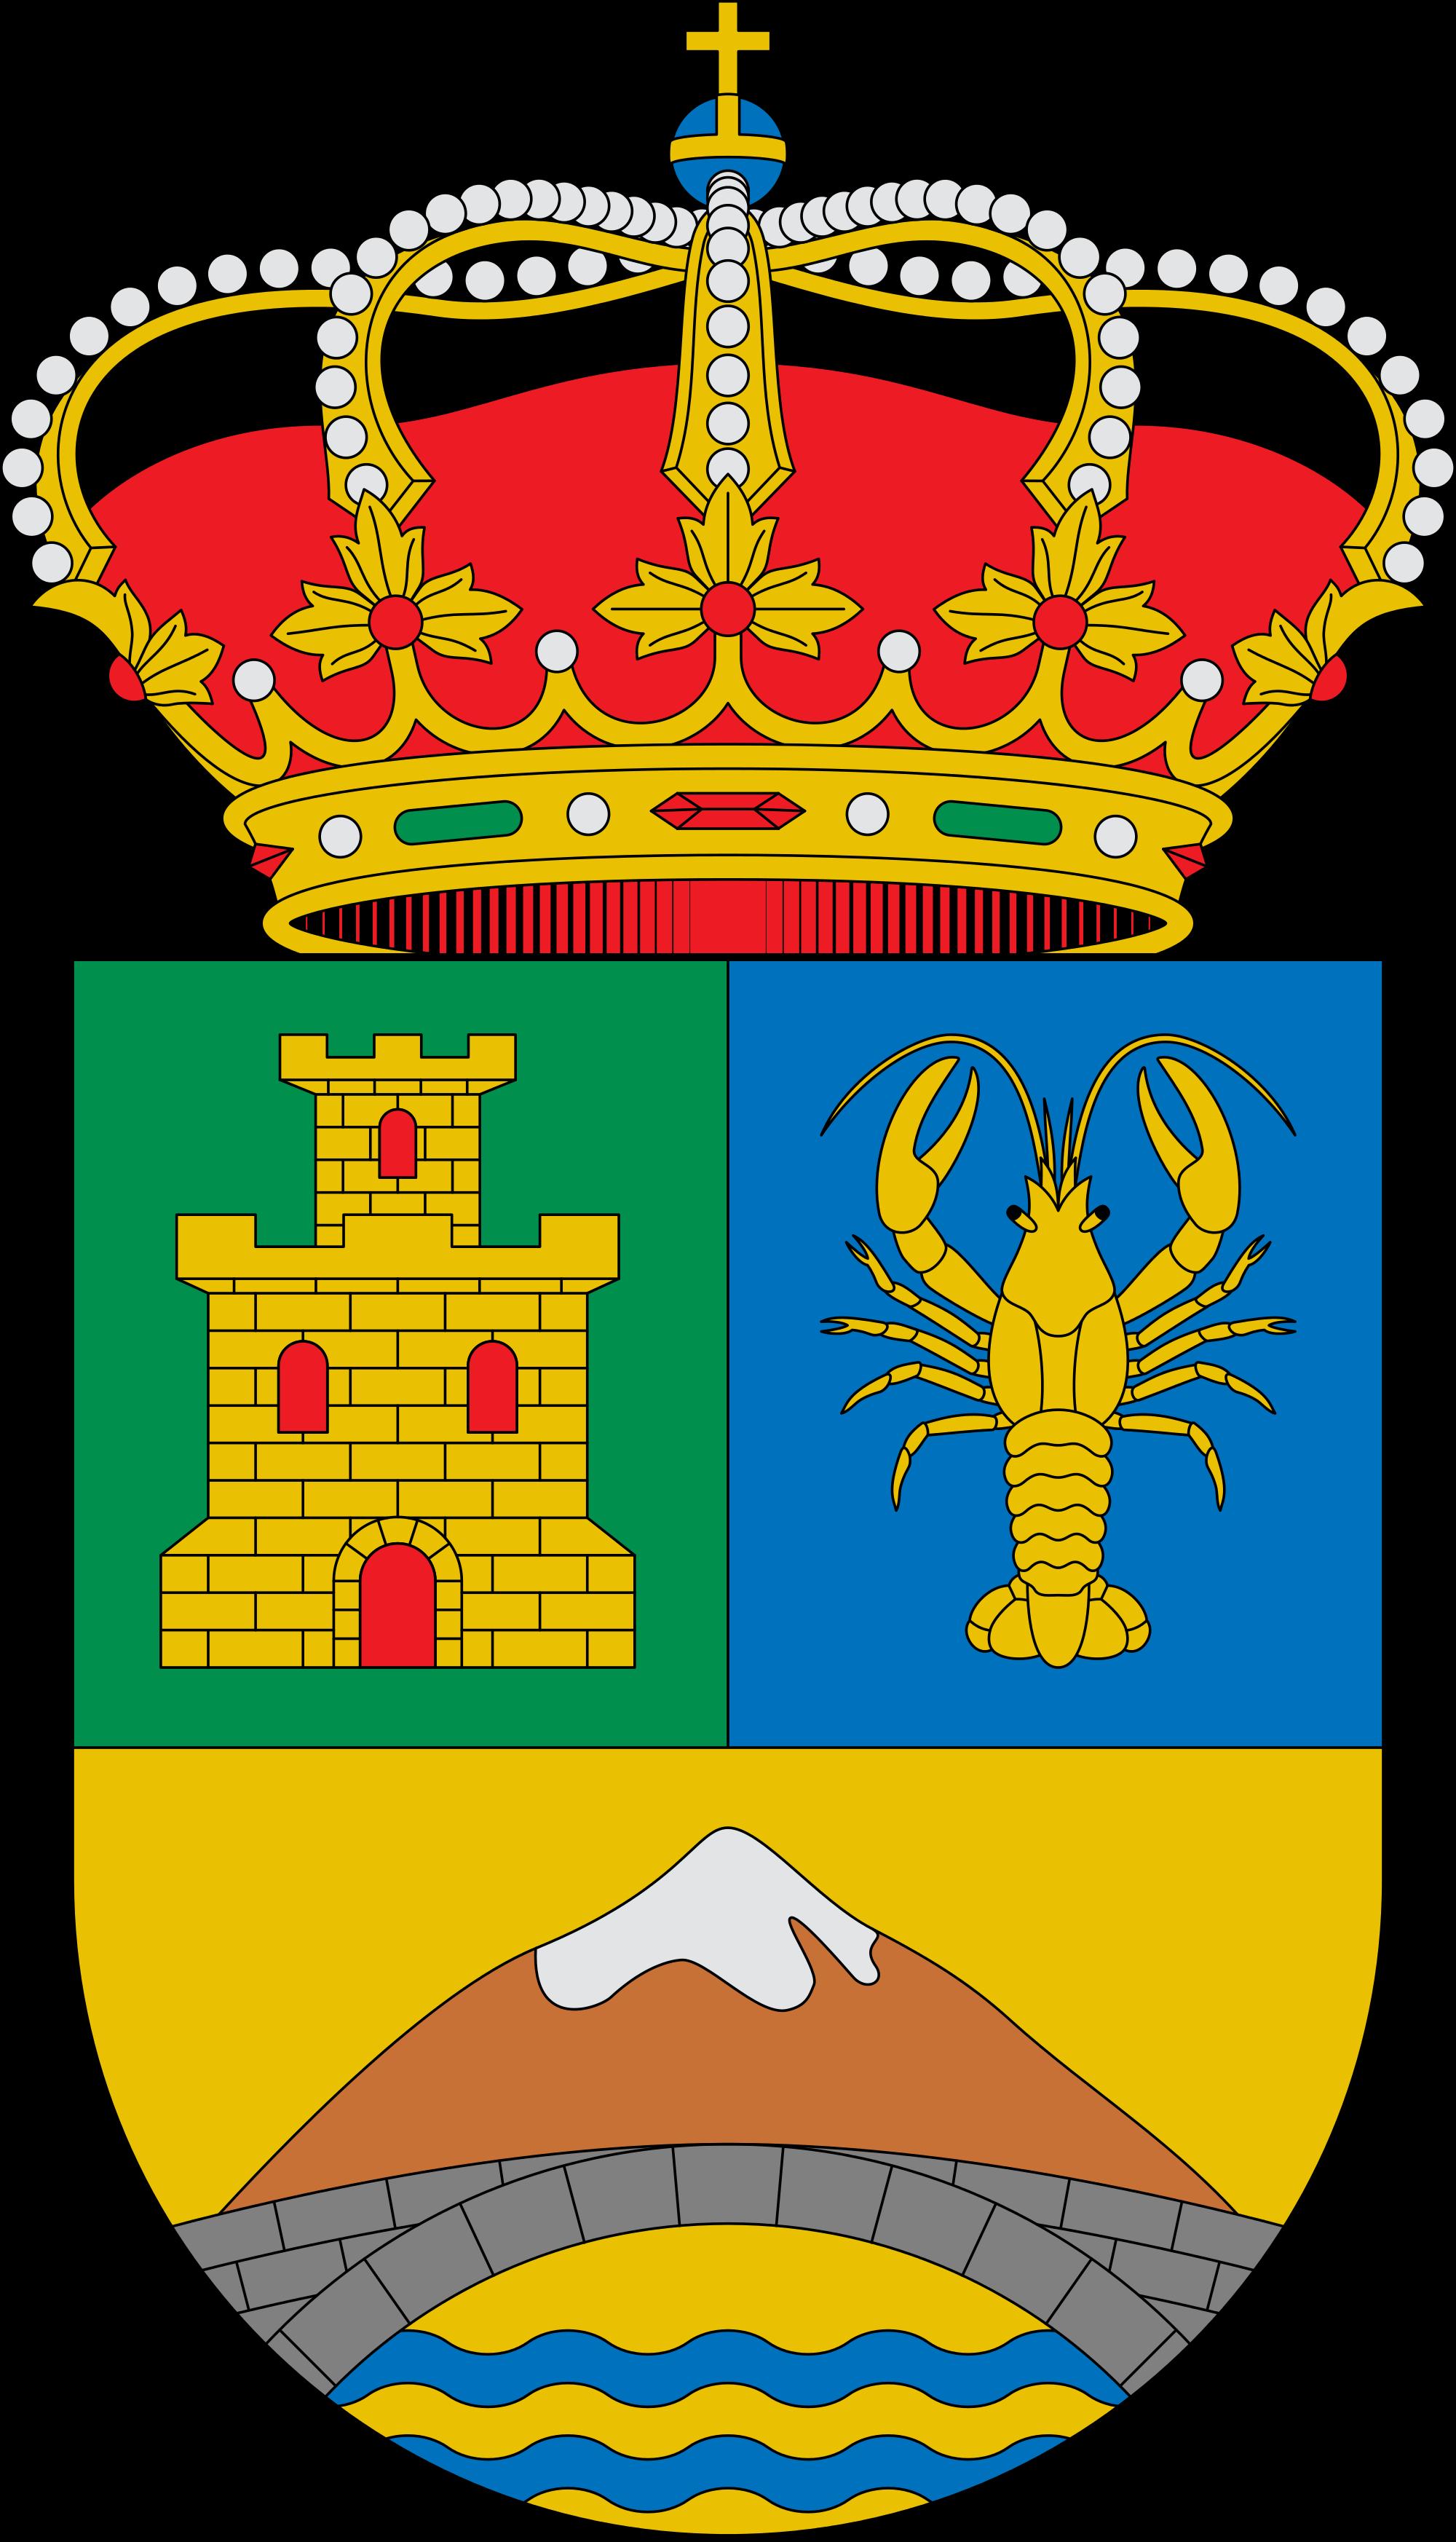 File:Escudo de Dévanos (Soria).svg.